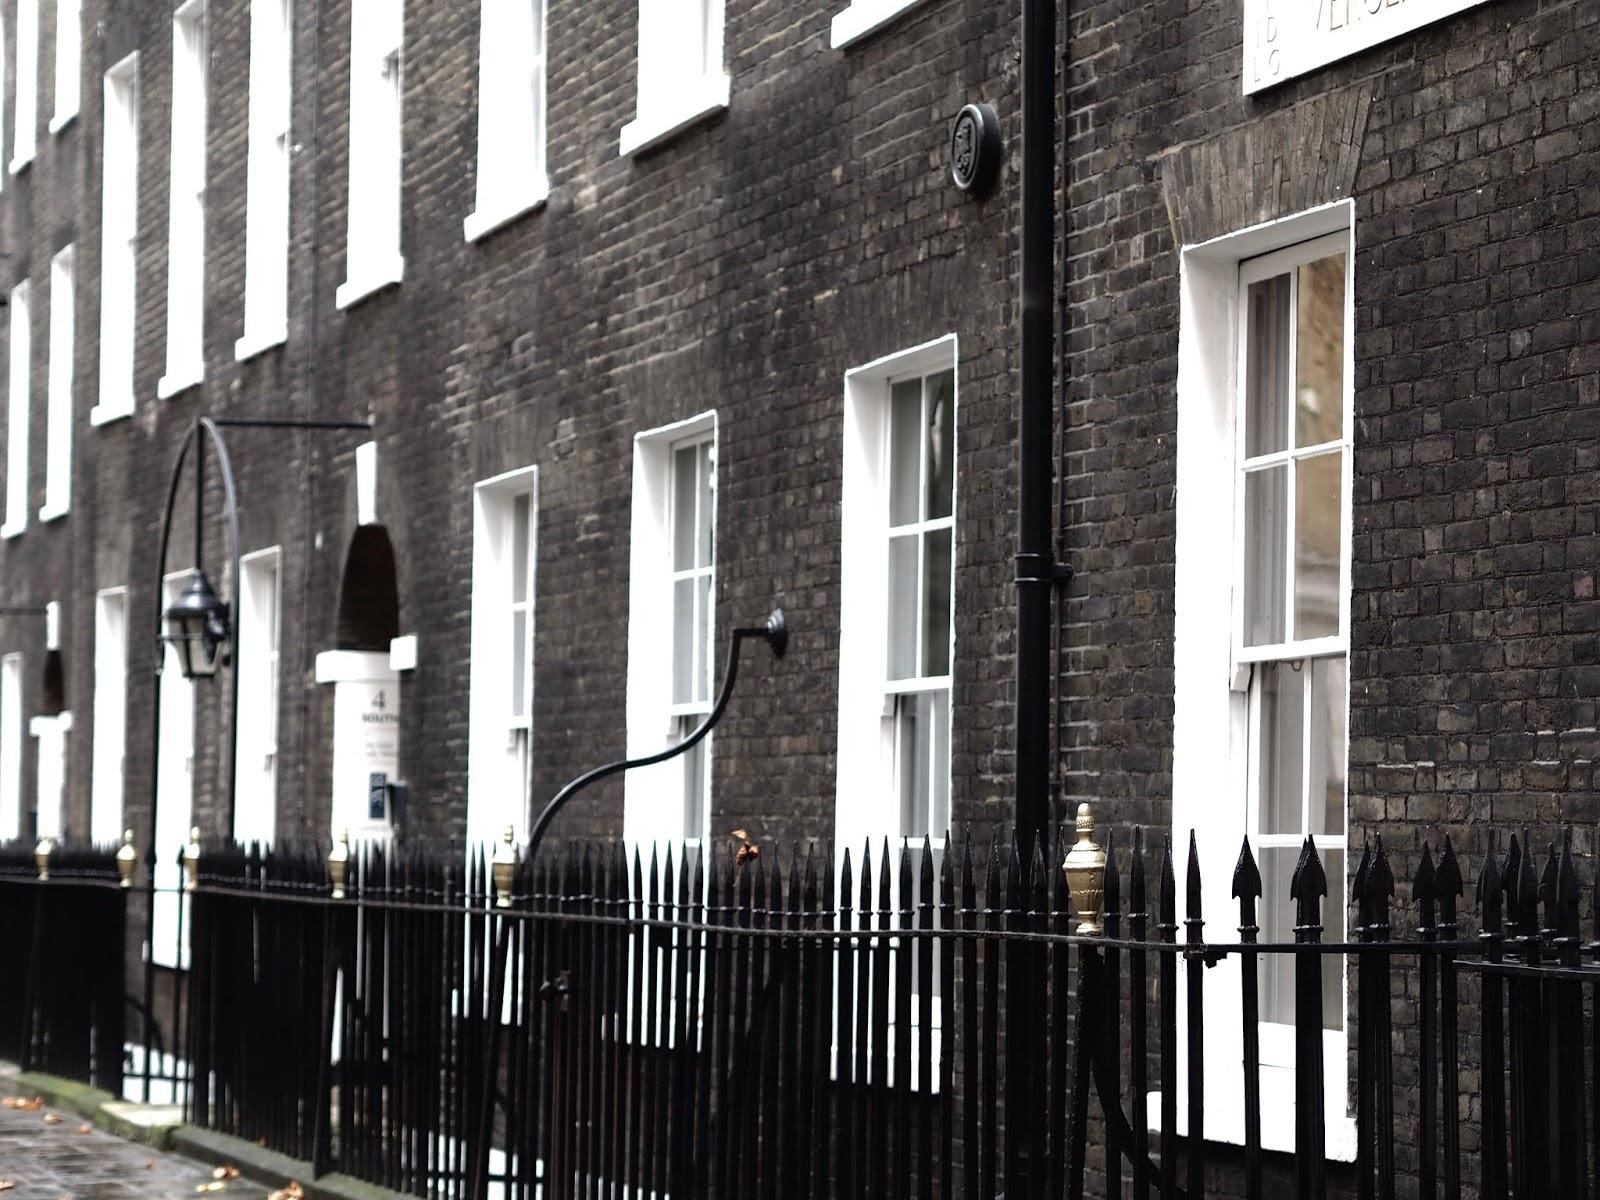 LONDON DIARY I. 13